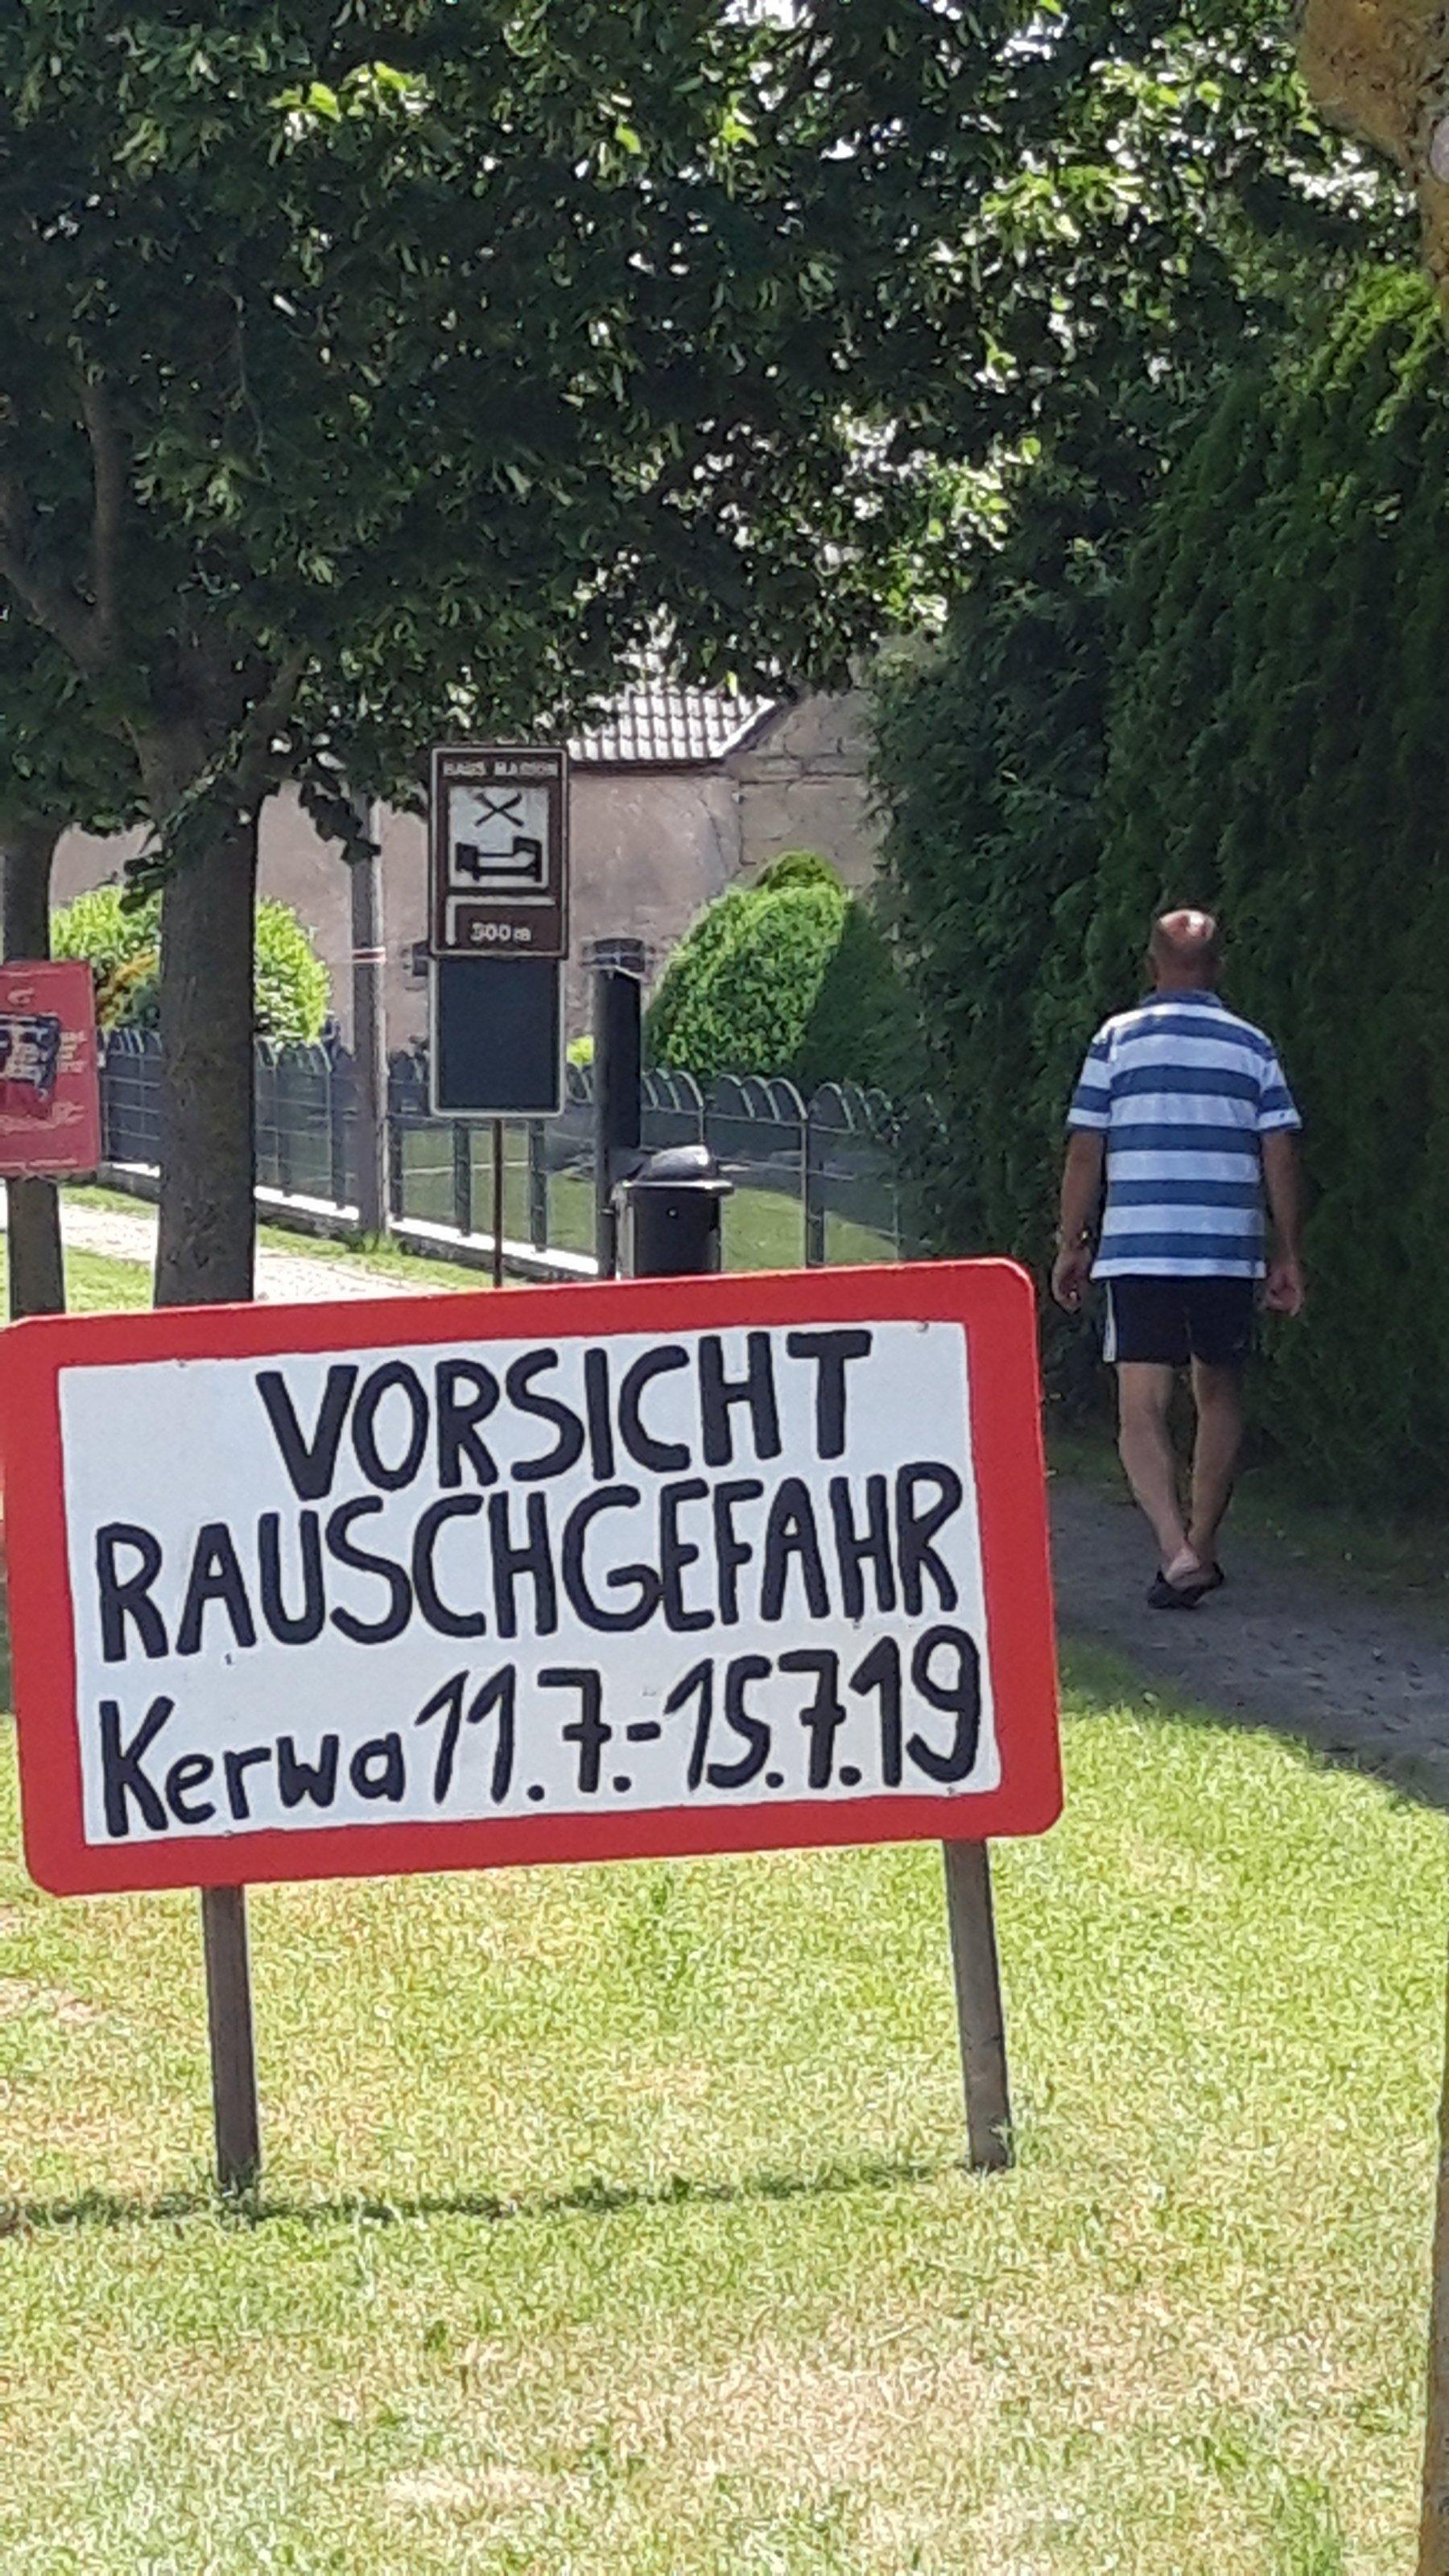 """Auf dem Grünstreifen neben der Dorfstraße steht """"Vorsicht Rauschgefahr – Kerwa 11.7.-15.7.19""""."""